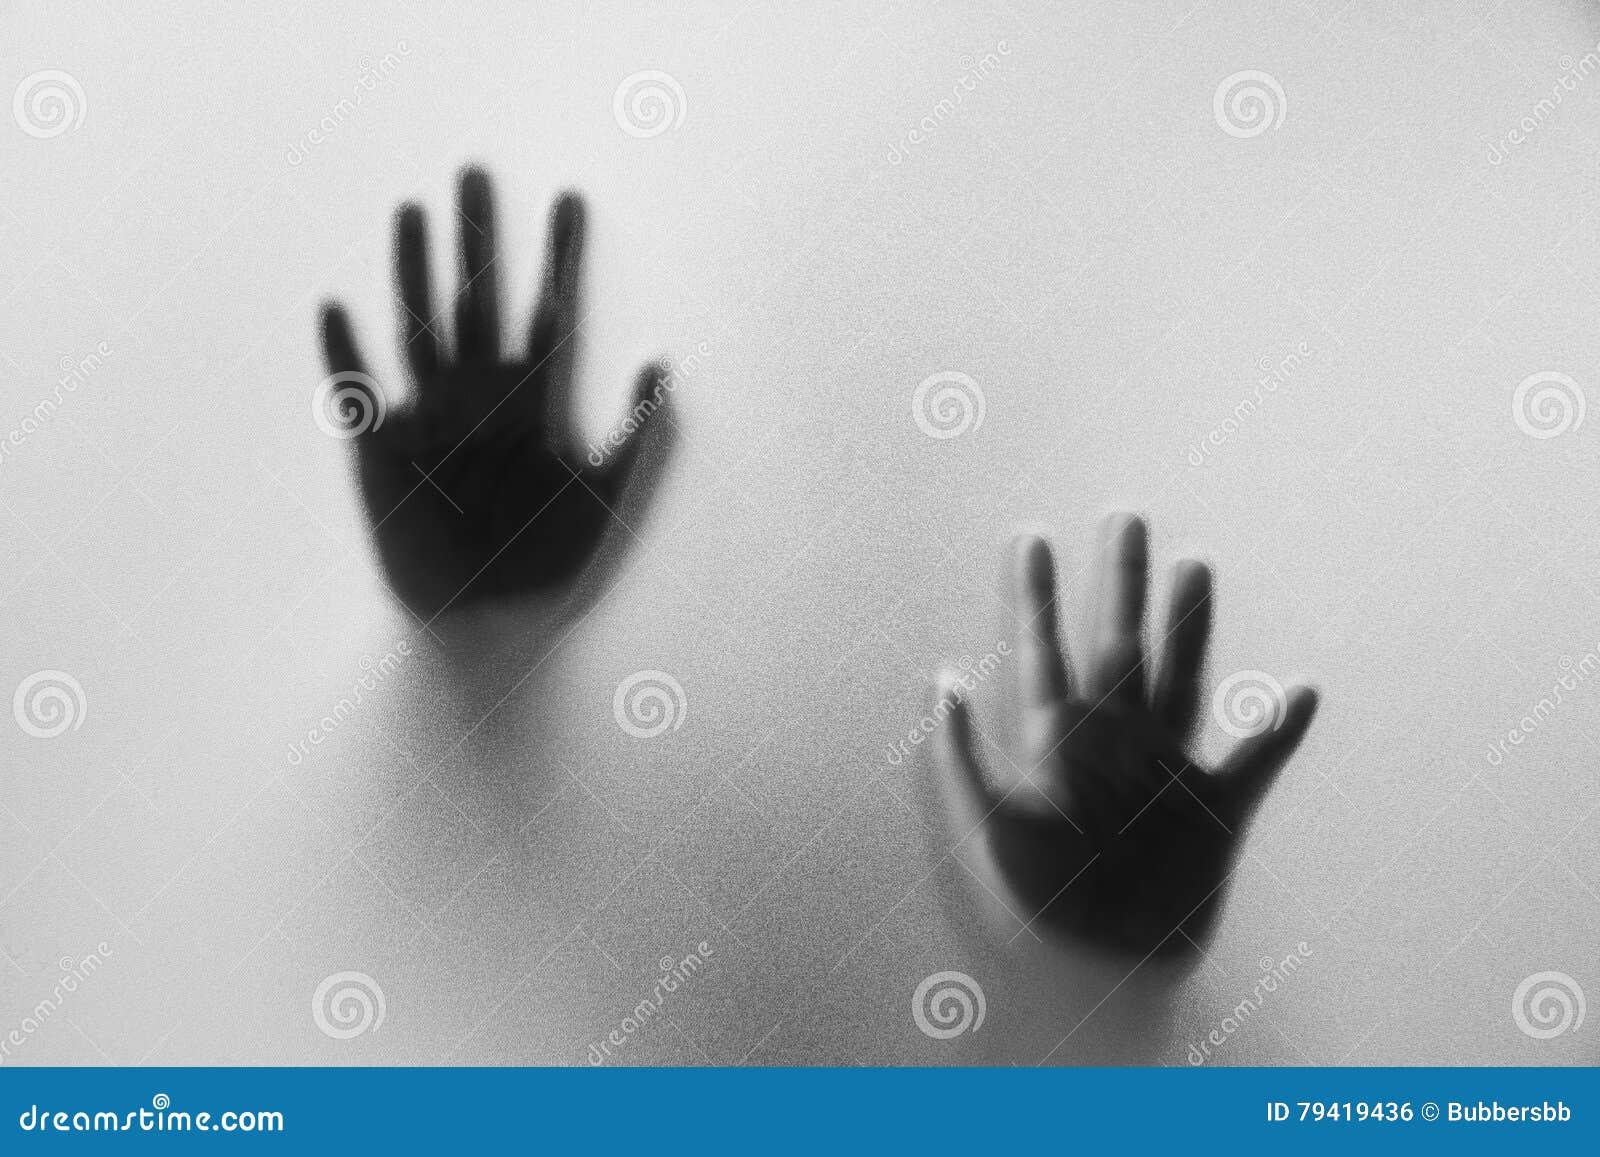 Ombreggi le mani dell 39 uomo dietro vetro glassato abstrac for Planimetrie della caverna dell uomo